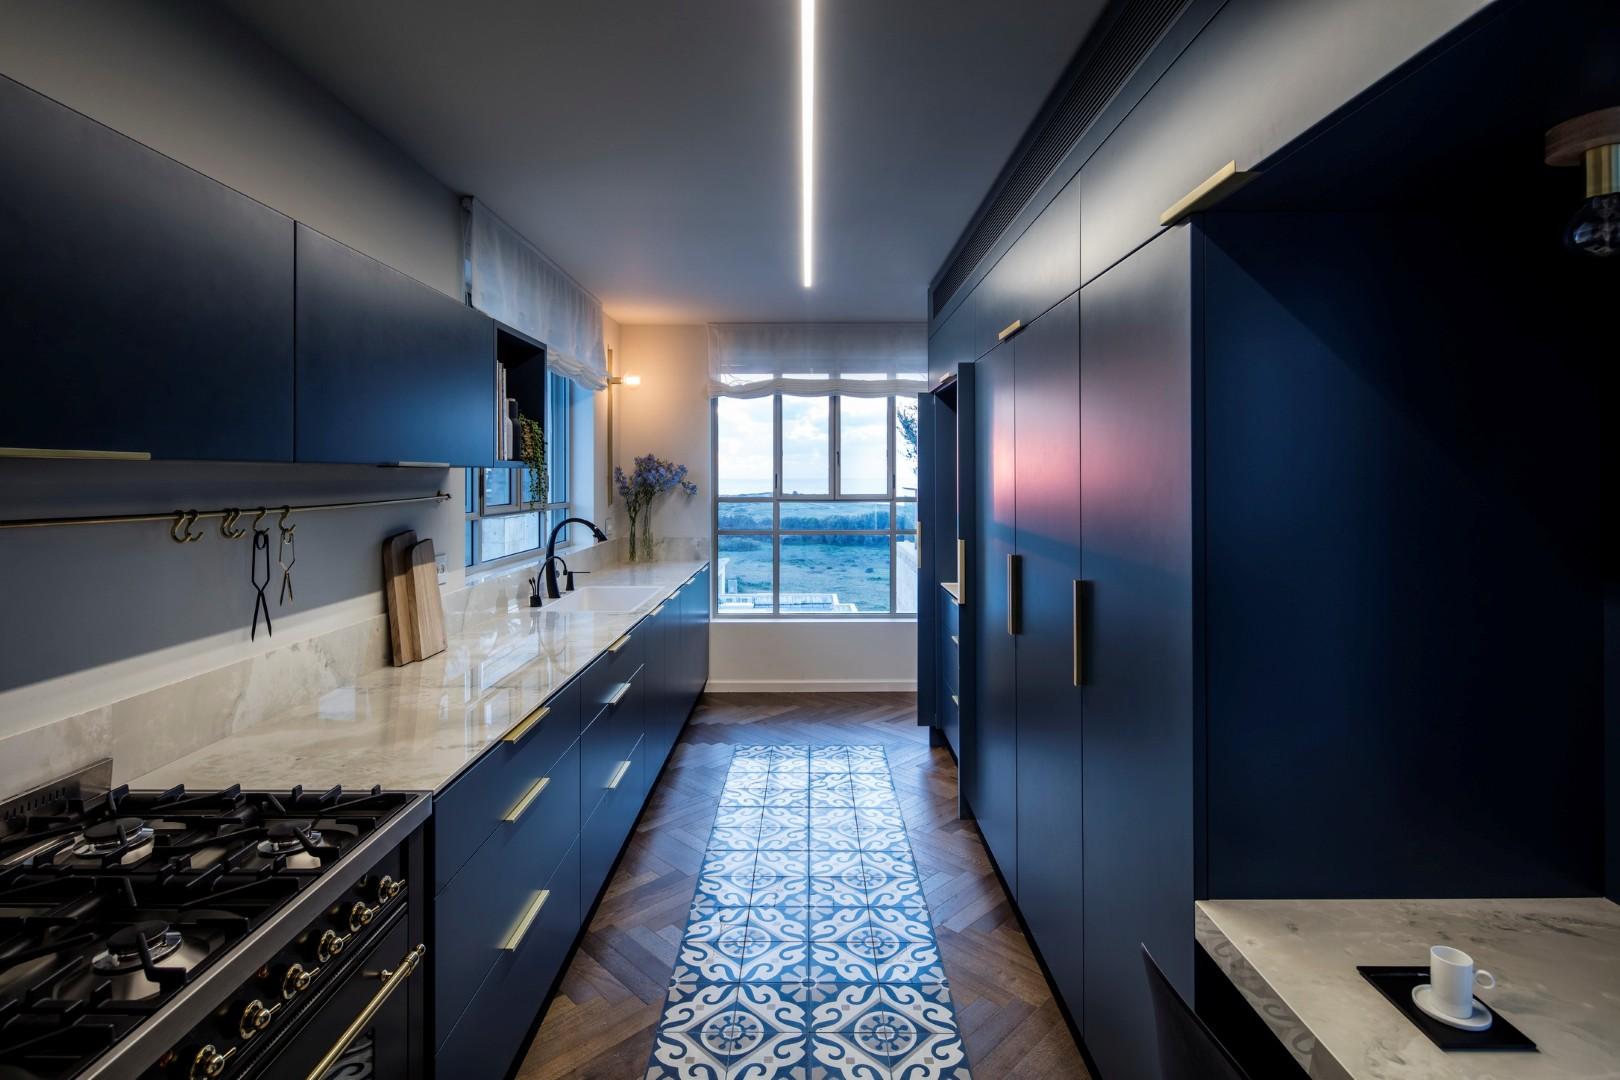 גימור החזיתות המועדף על ידי אדריכלים ולקוחות הוא צבע. עיצוב: פנינית שרת (צילום: עמית גרון)